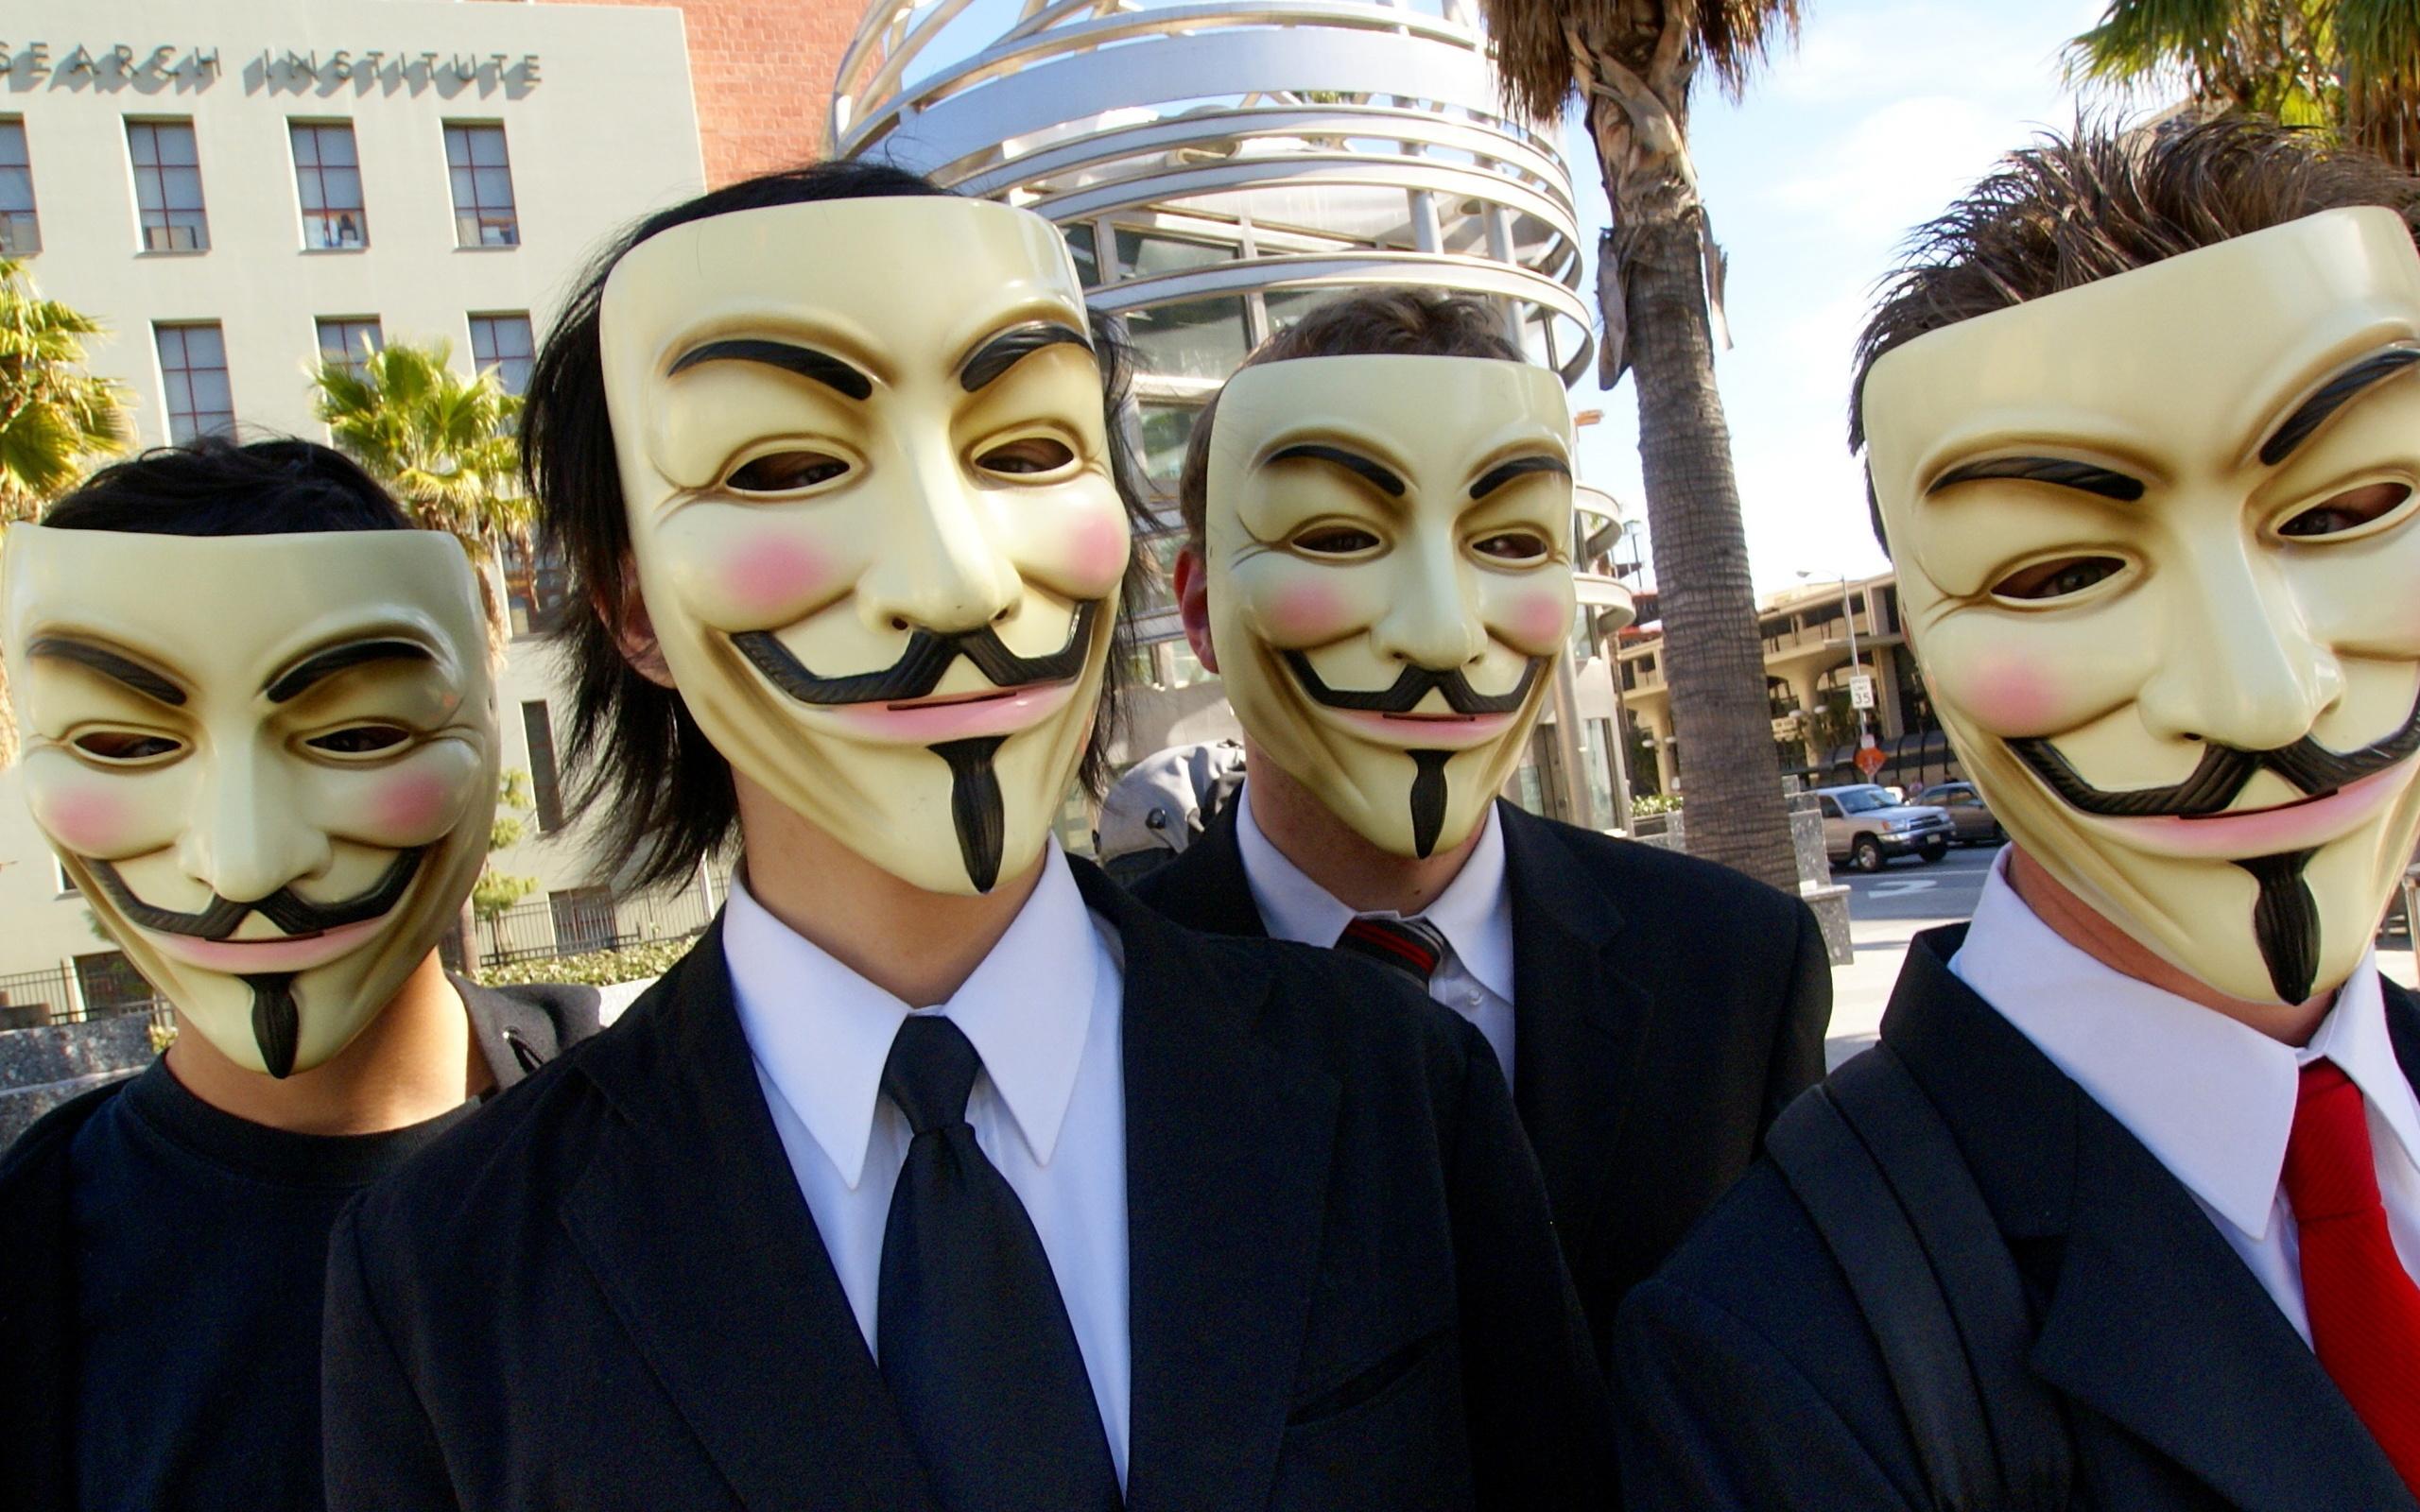 Картинка про людей в масках